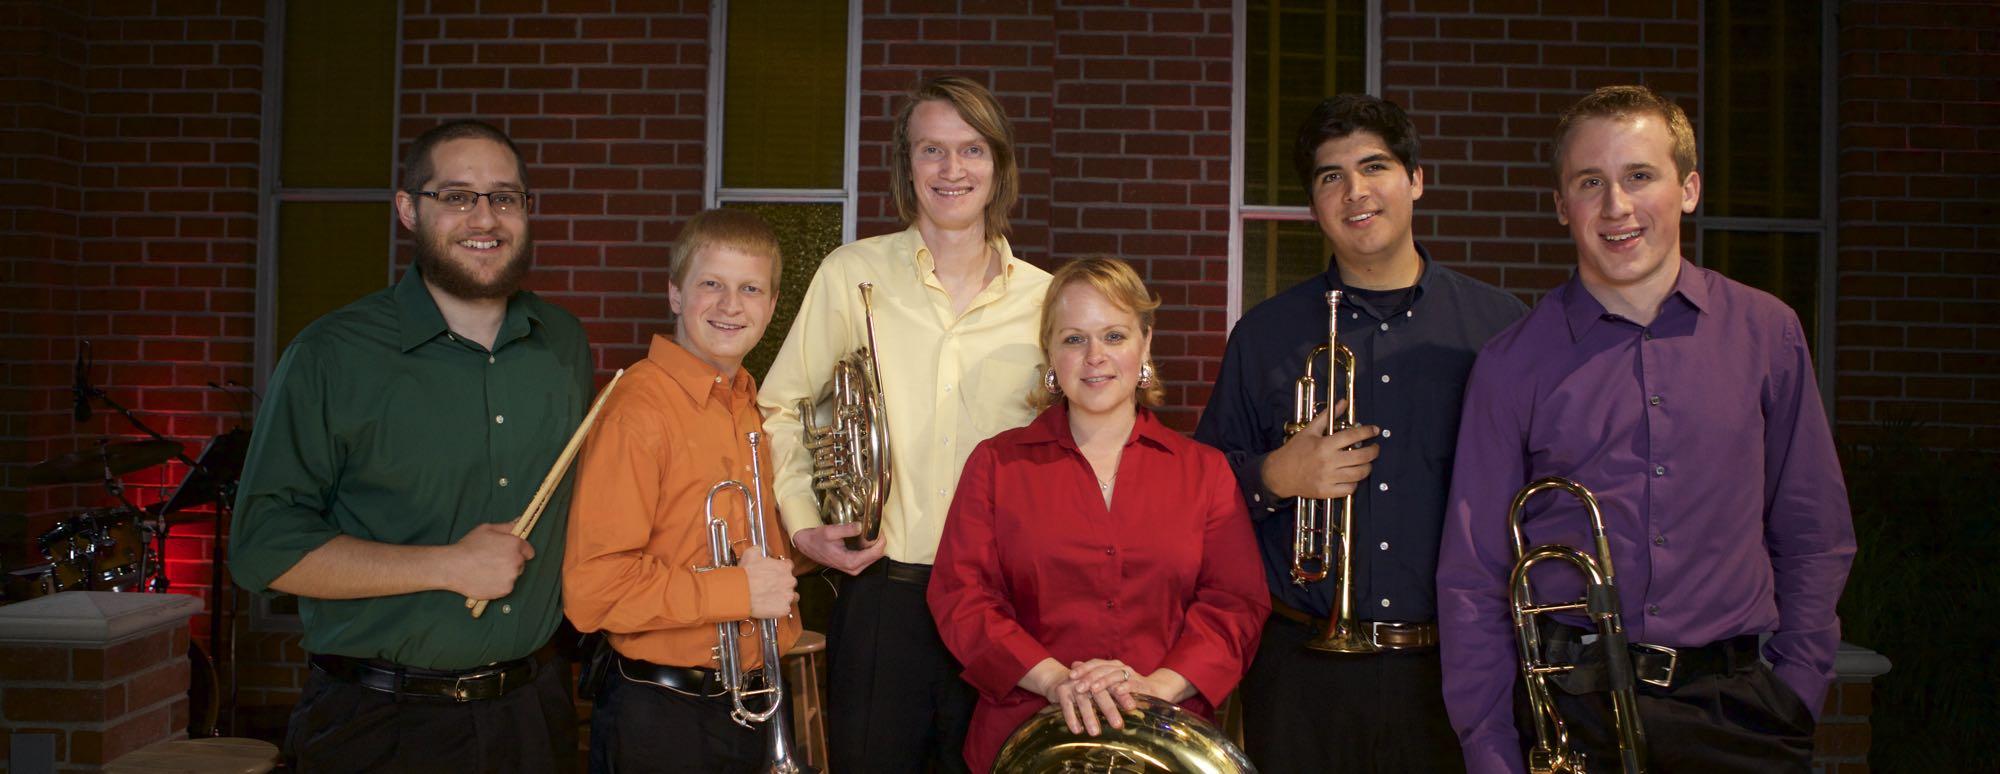 Biola brass quintet